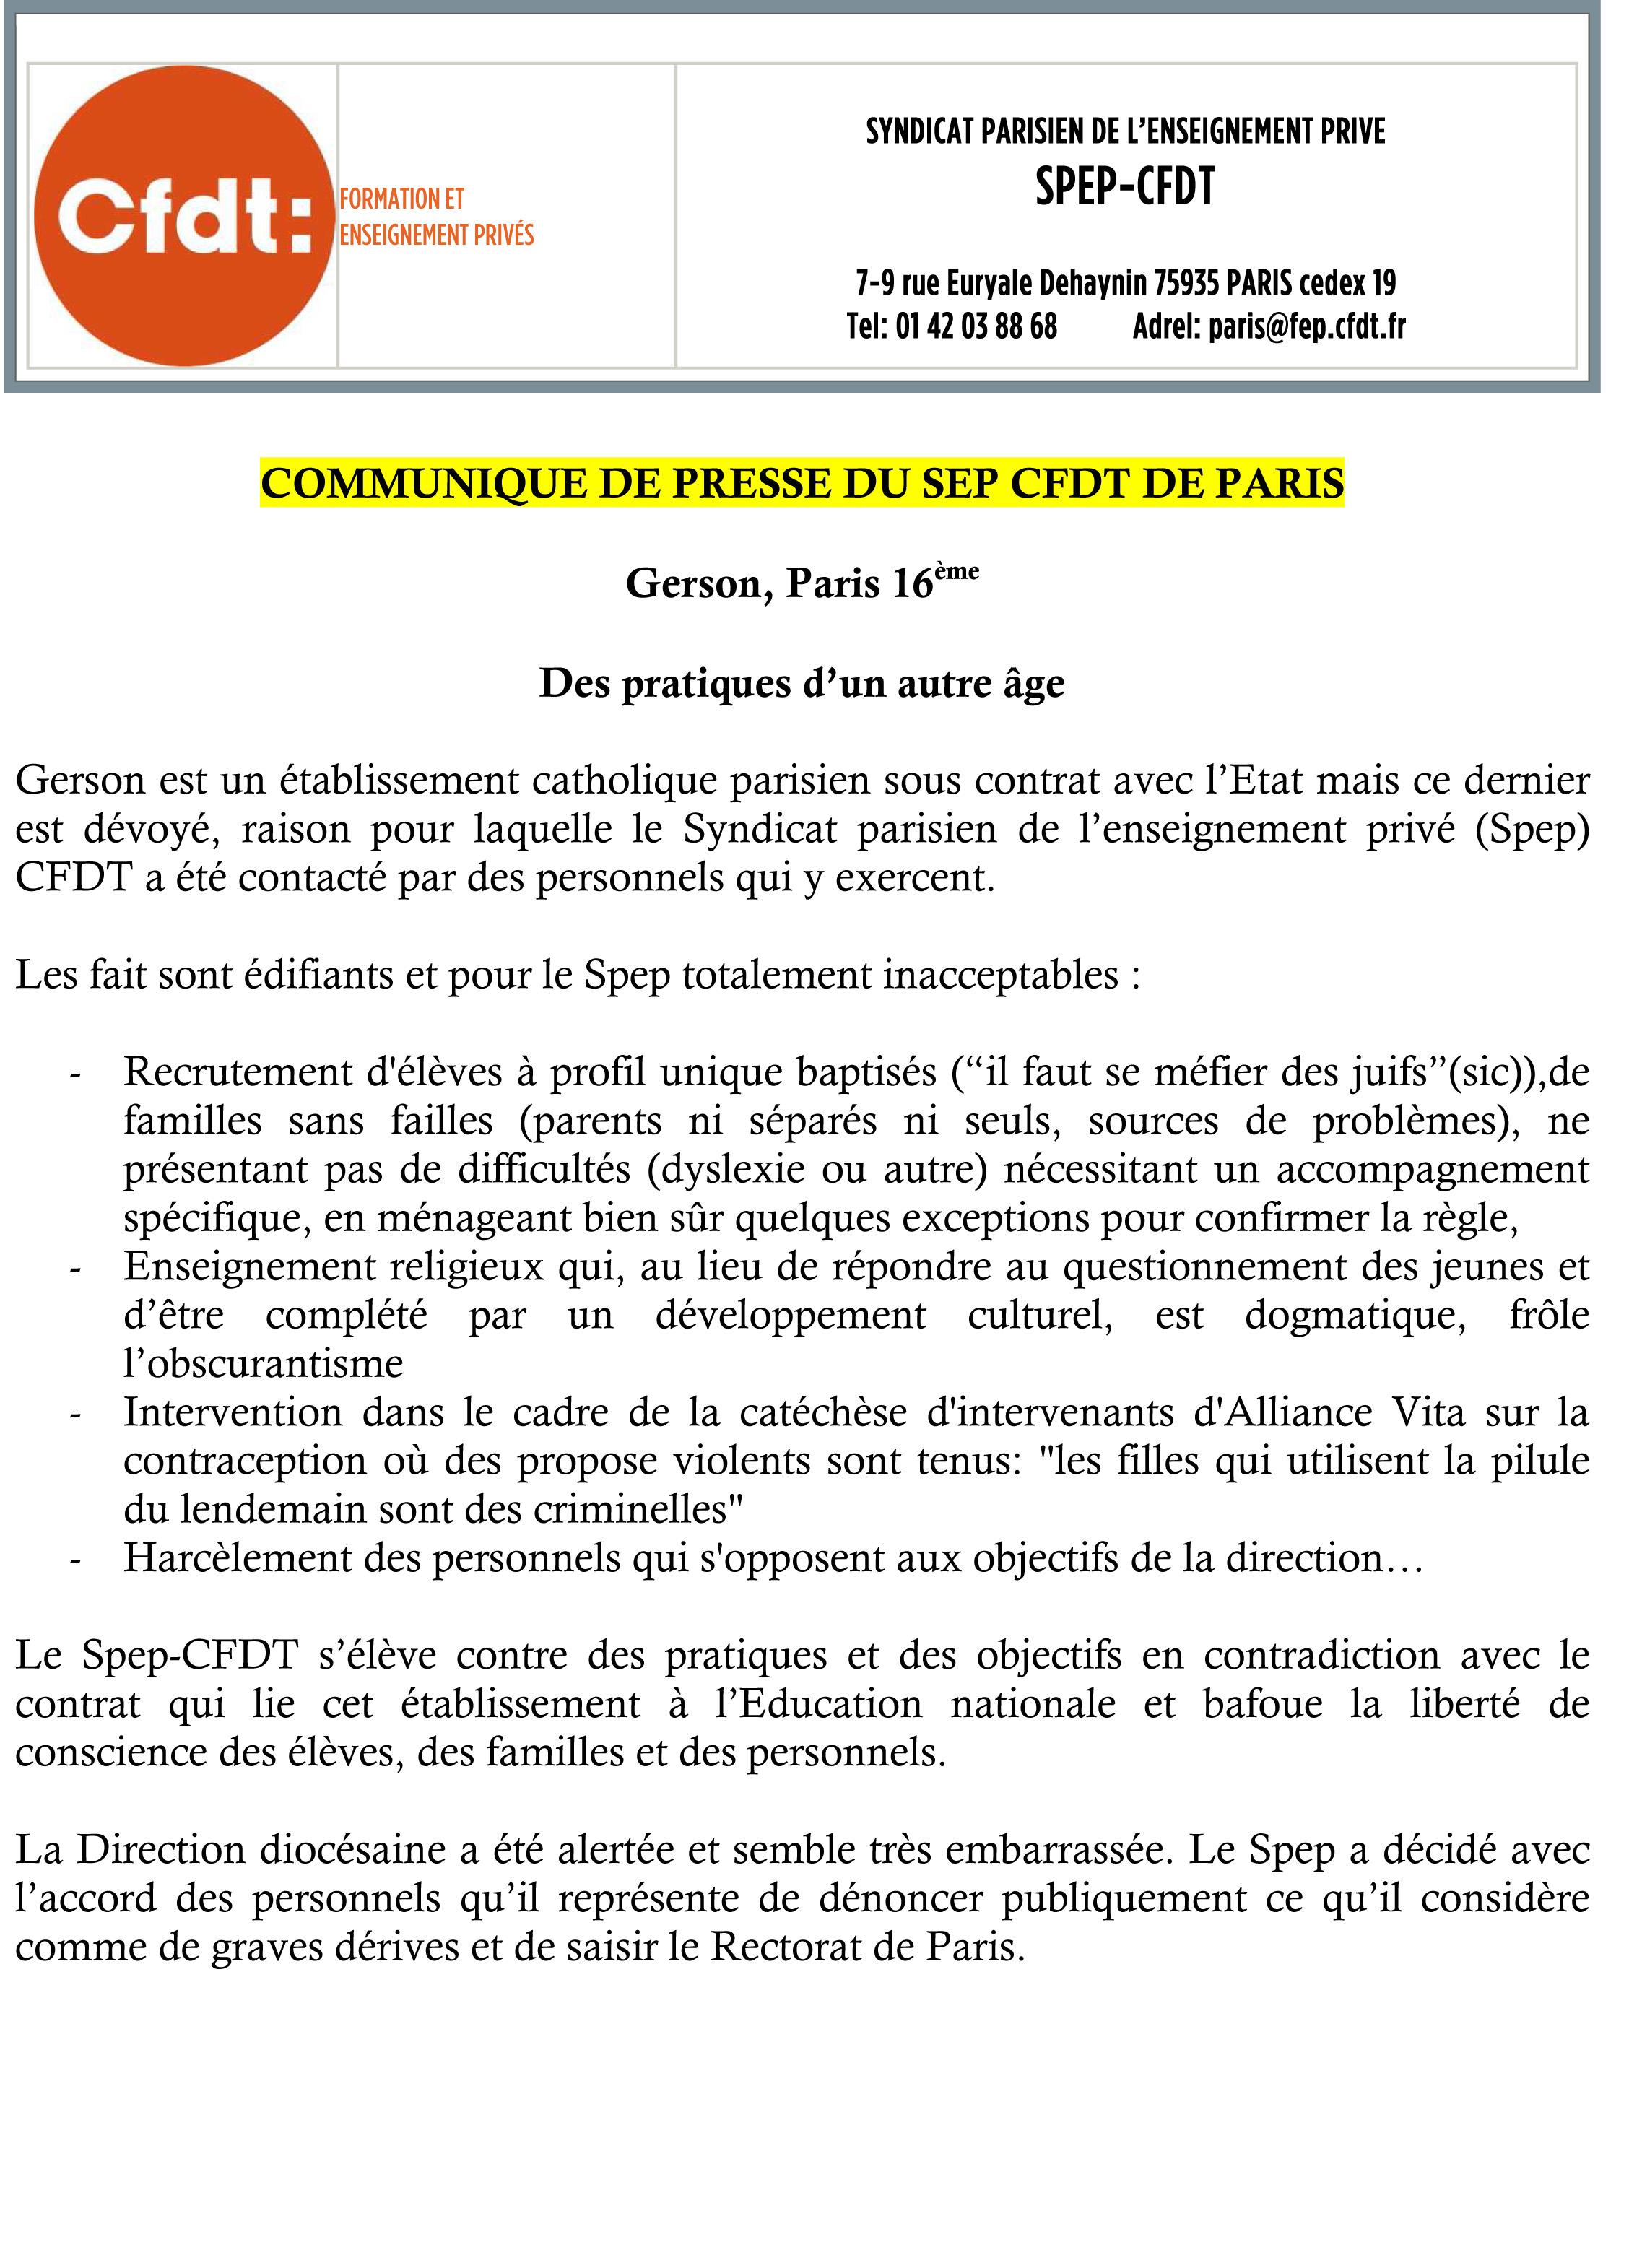 Gerson Paris  16ème - Communiqué de presse du Spep CFDT